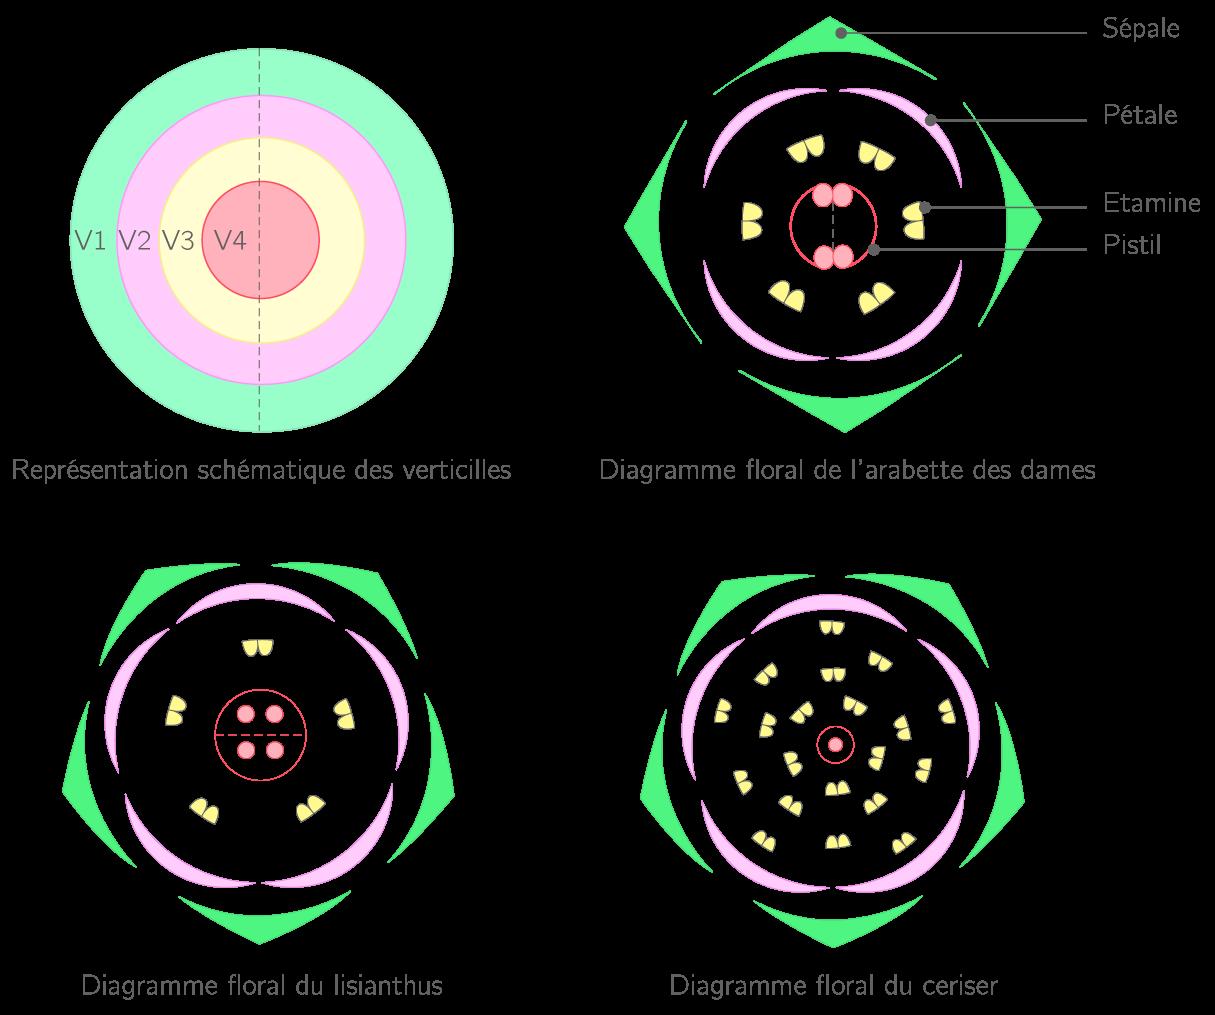 Des diagrammes floraux